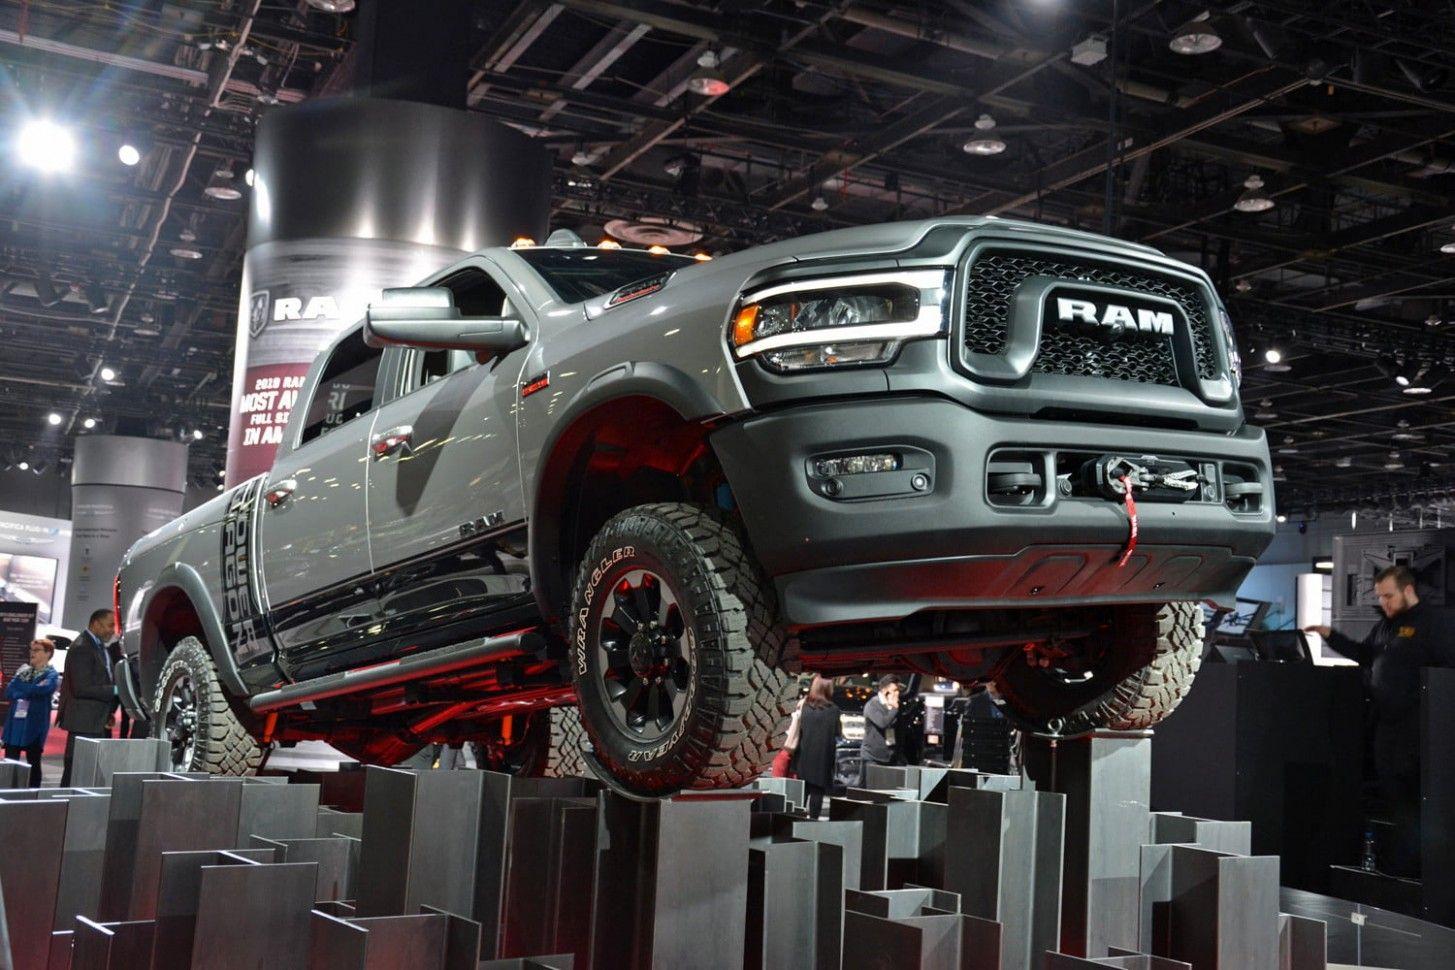 2021 Ram 3500 Diesel Redesign Dodge ram 2500, Trucks for